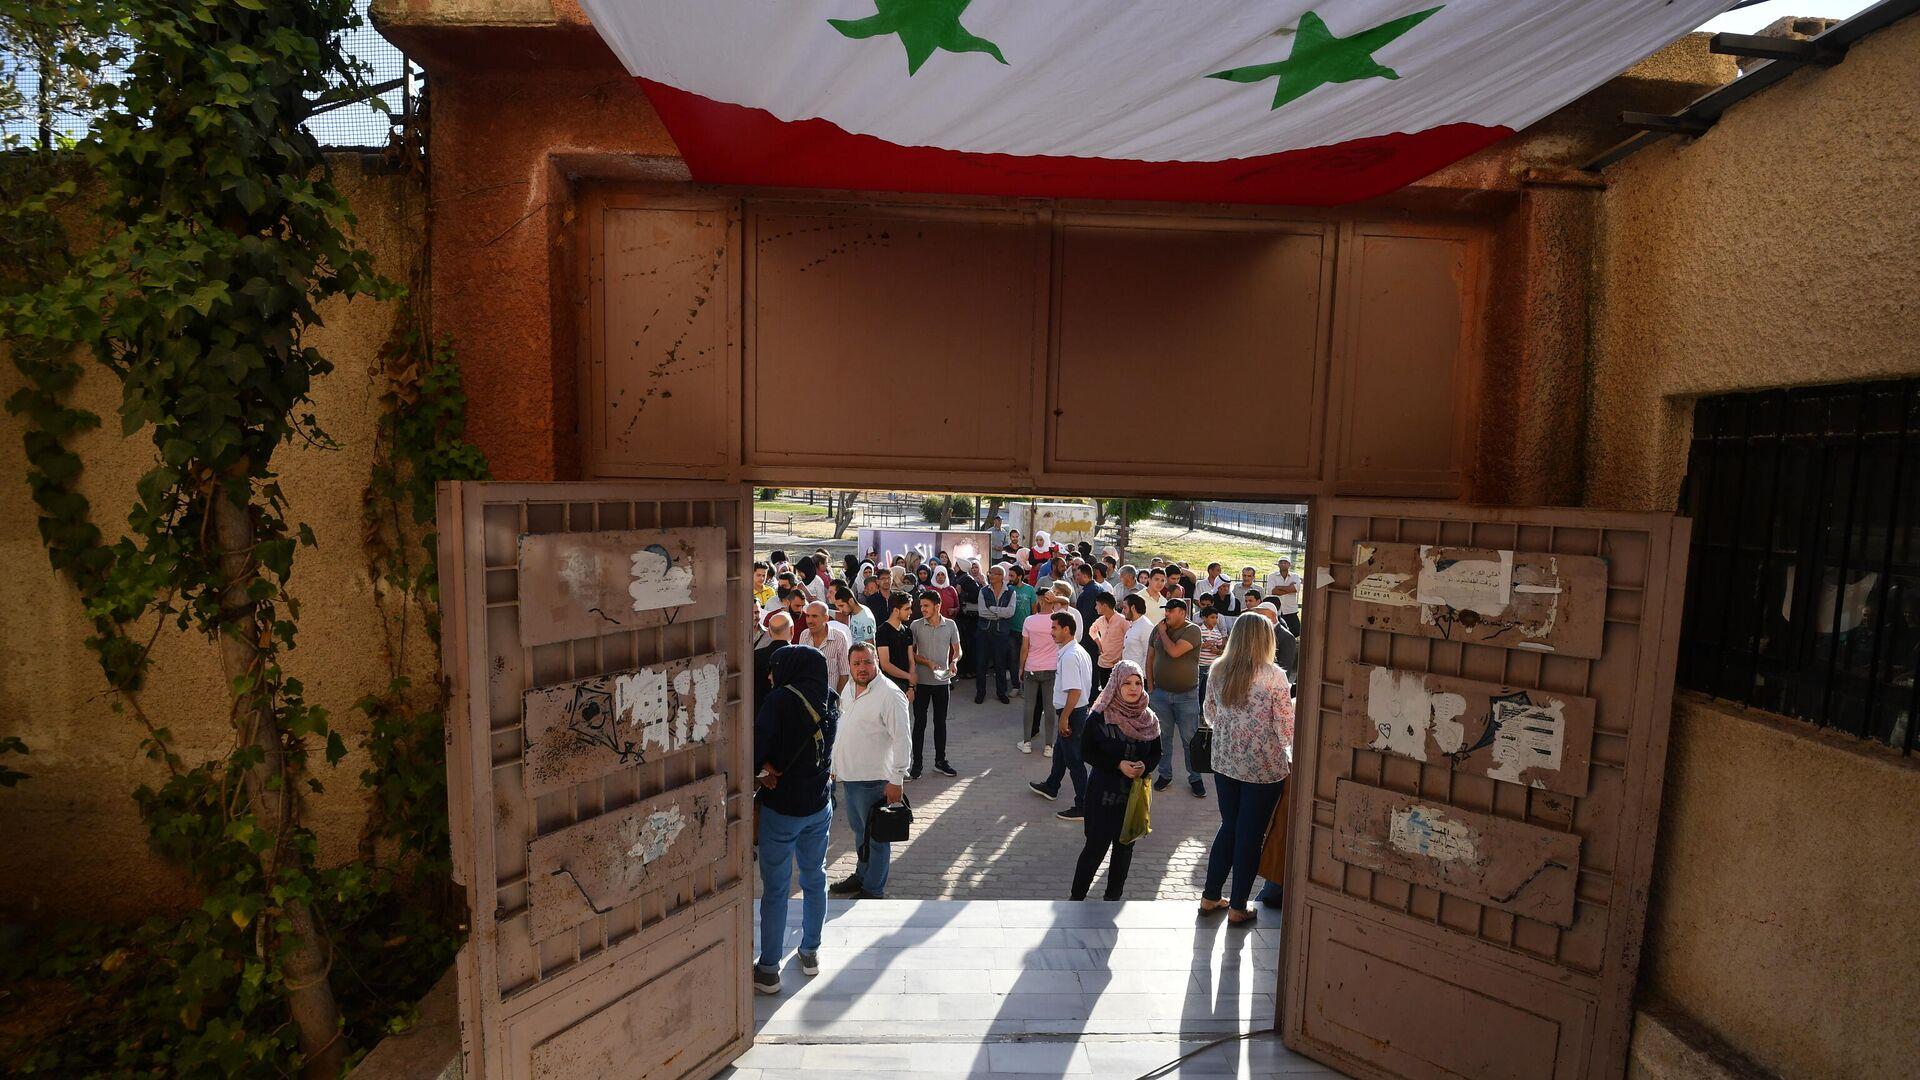 Люди у одного из избирательных участков Дамаска, где проходит голосование на выборах президента Сирии - РИА Новости, 1920, 26.05.2021